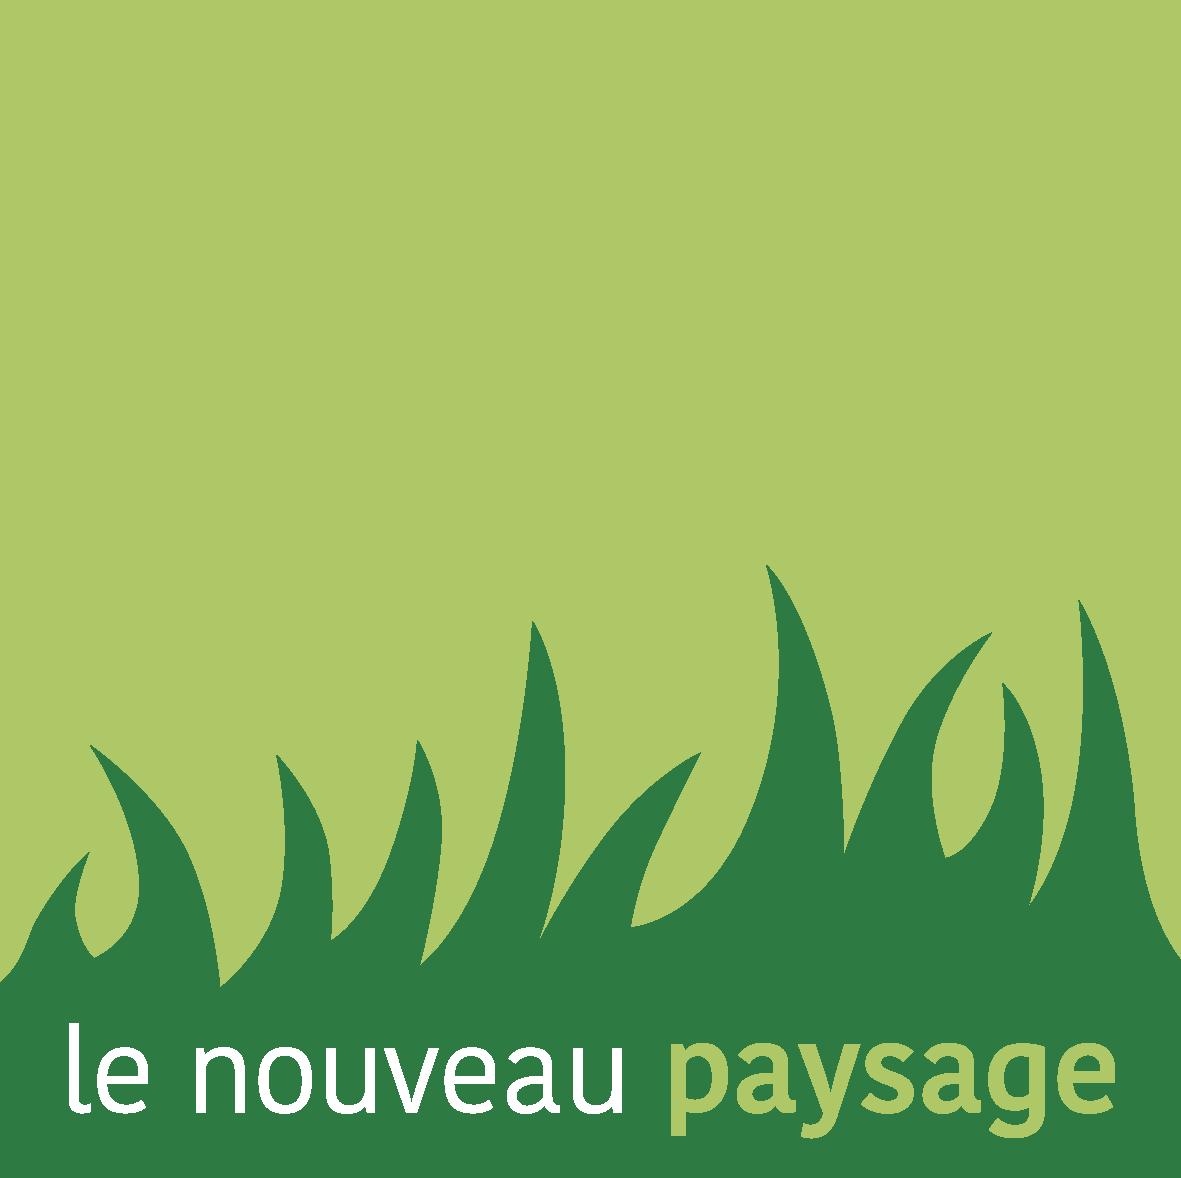 Logo LE NOUVEAU PAYSAGE